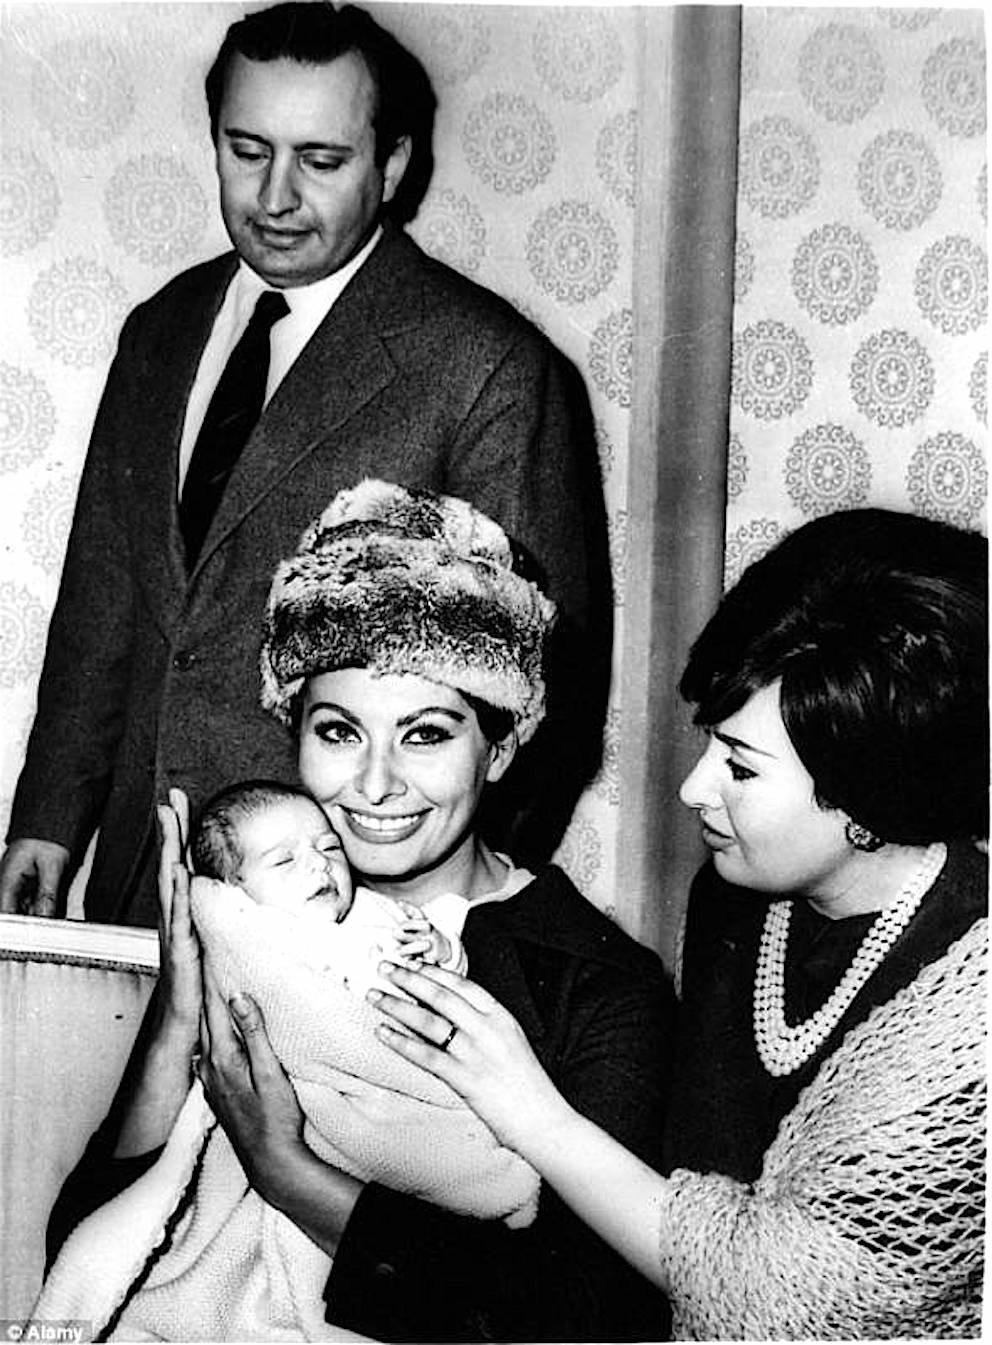 Matrimonio Romano Mussolini E Maria Scicolone : Alessandra mussolini nel mondo dello spettacolo